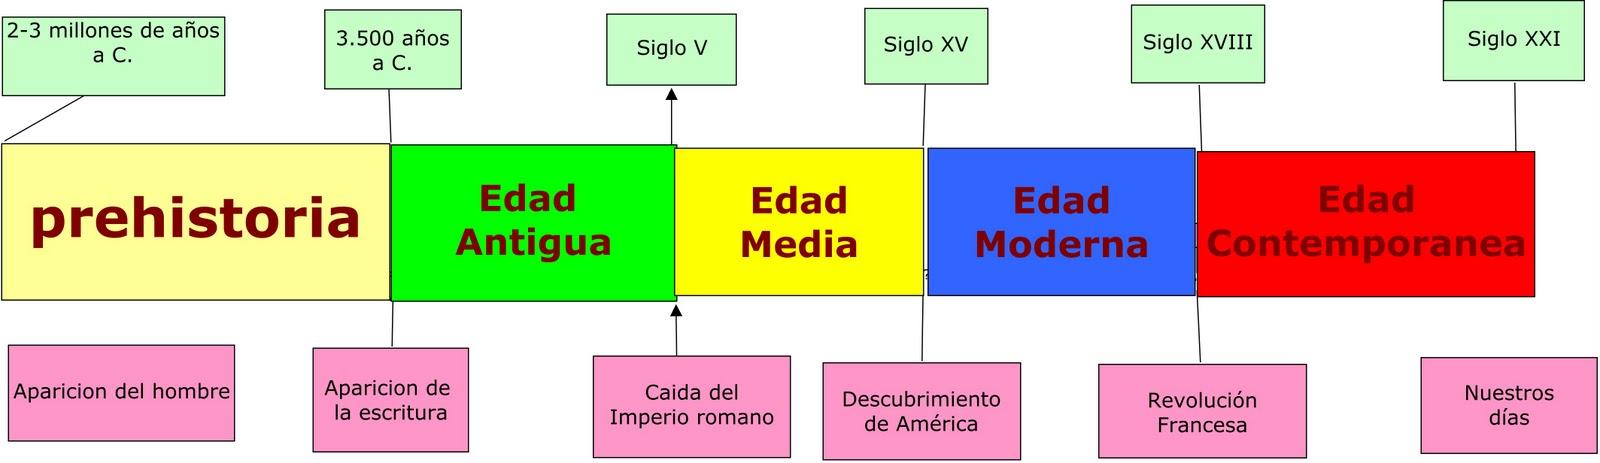 Aula del tercer ciclo etapas hist ricas l nea del tiempo for Epoca contemporanea definicion